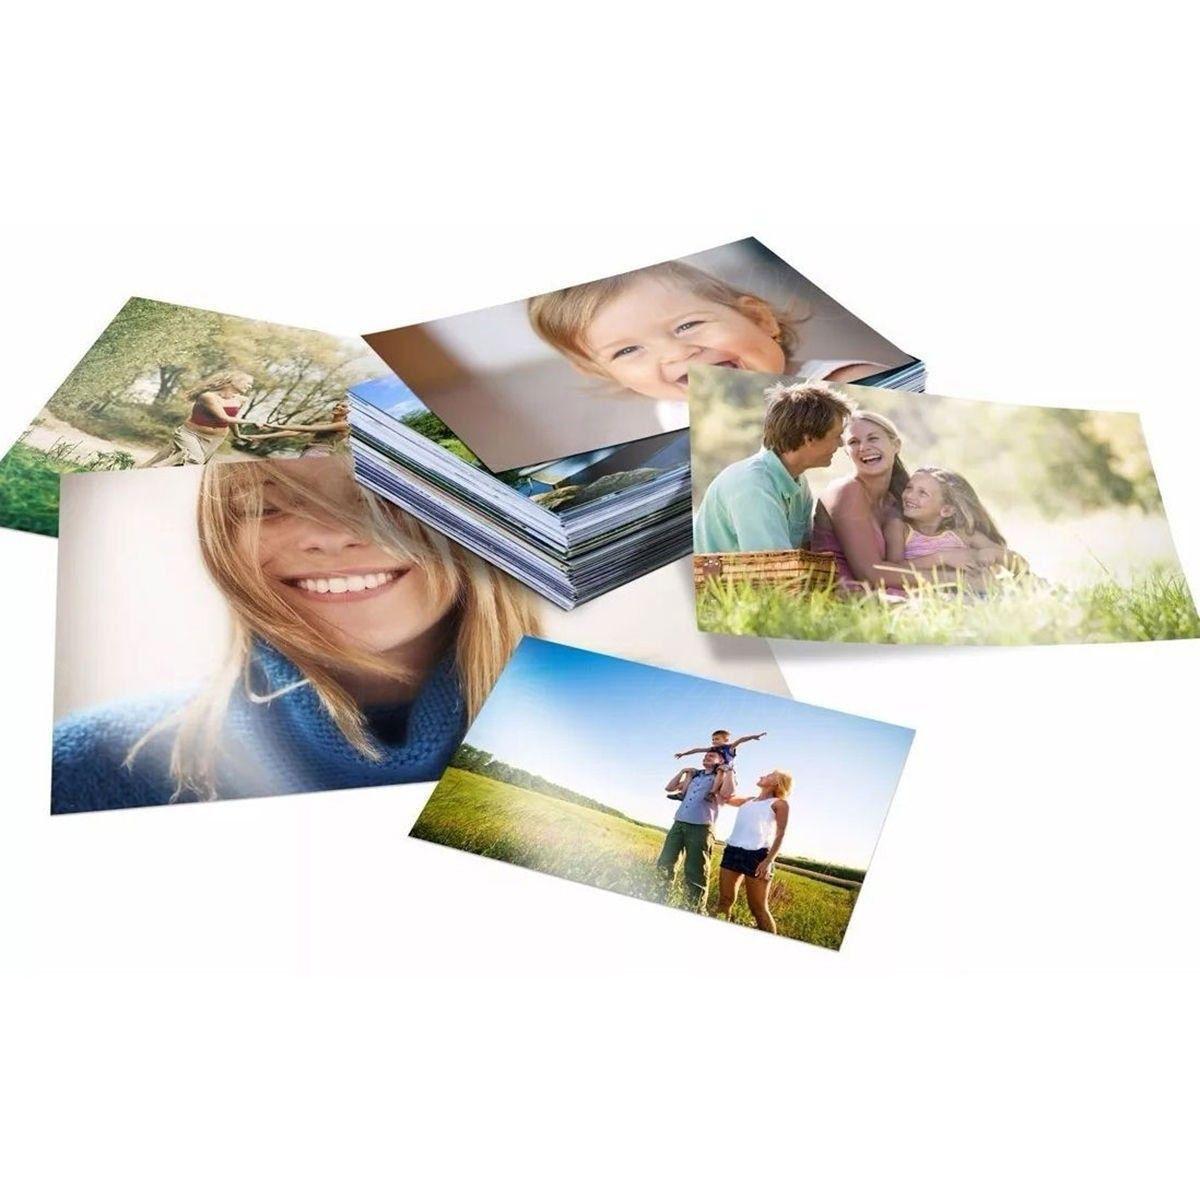 Papel Foto Adesivo Matte Fosco 108g A4 Branco Resistente à Água / 1000 folhas